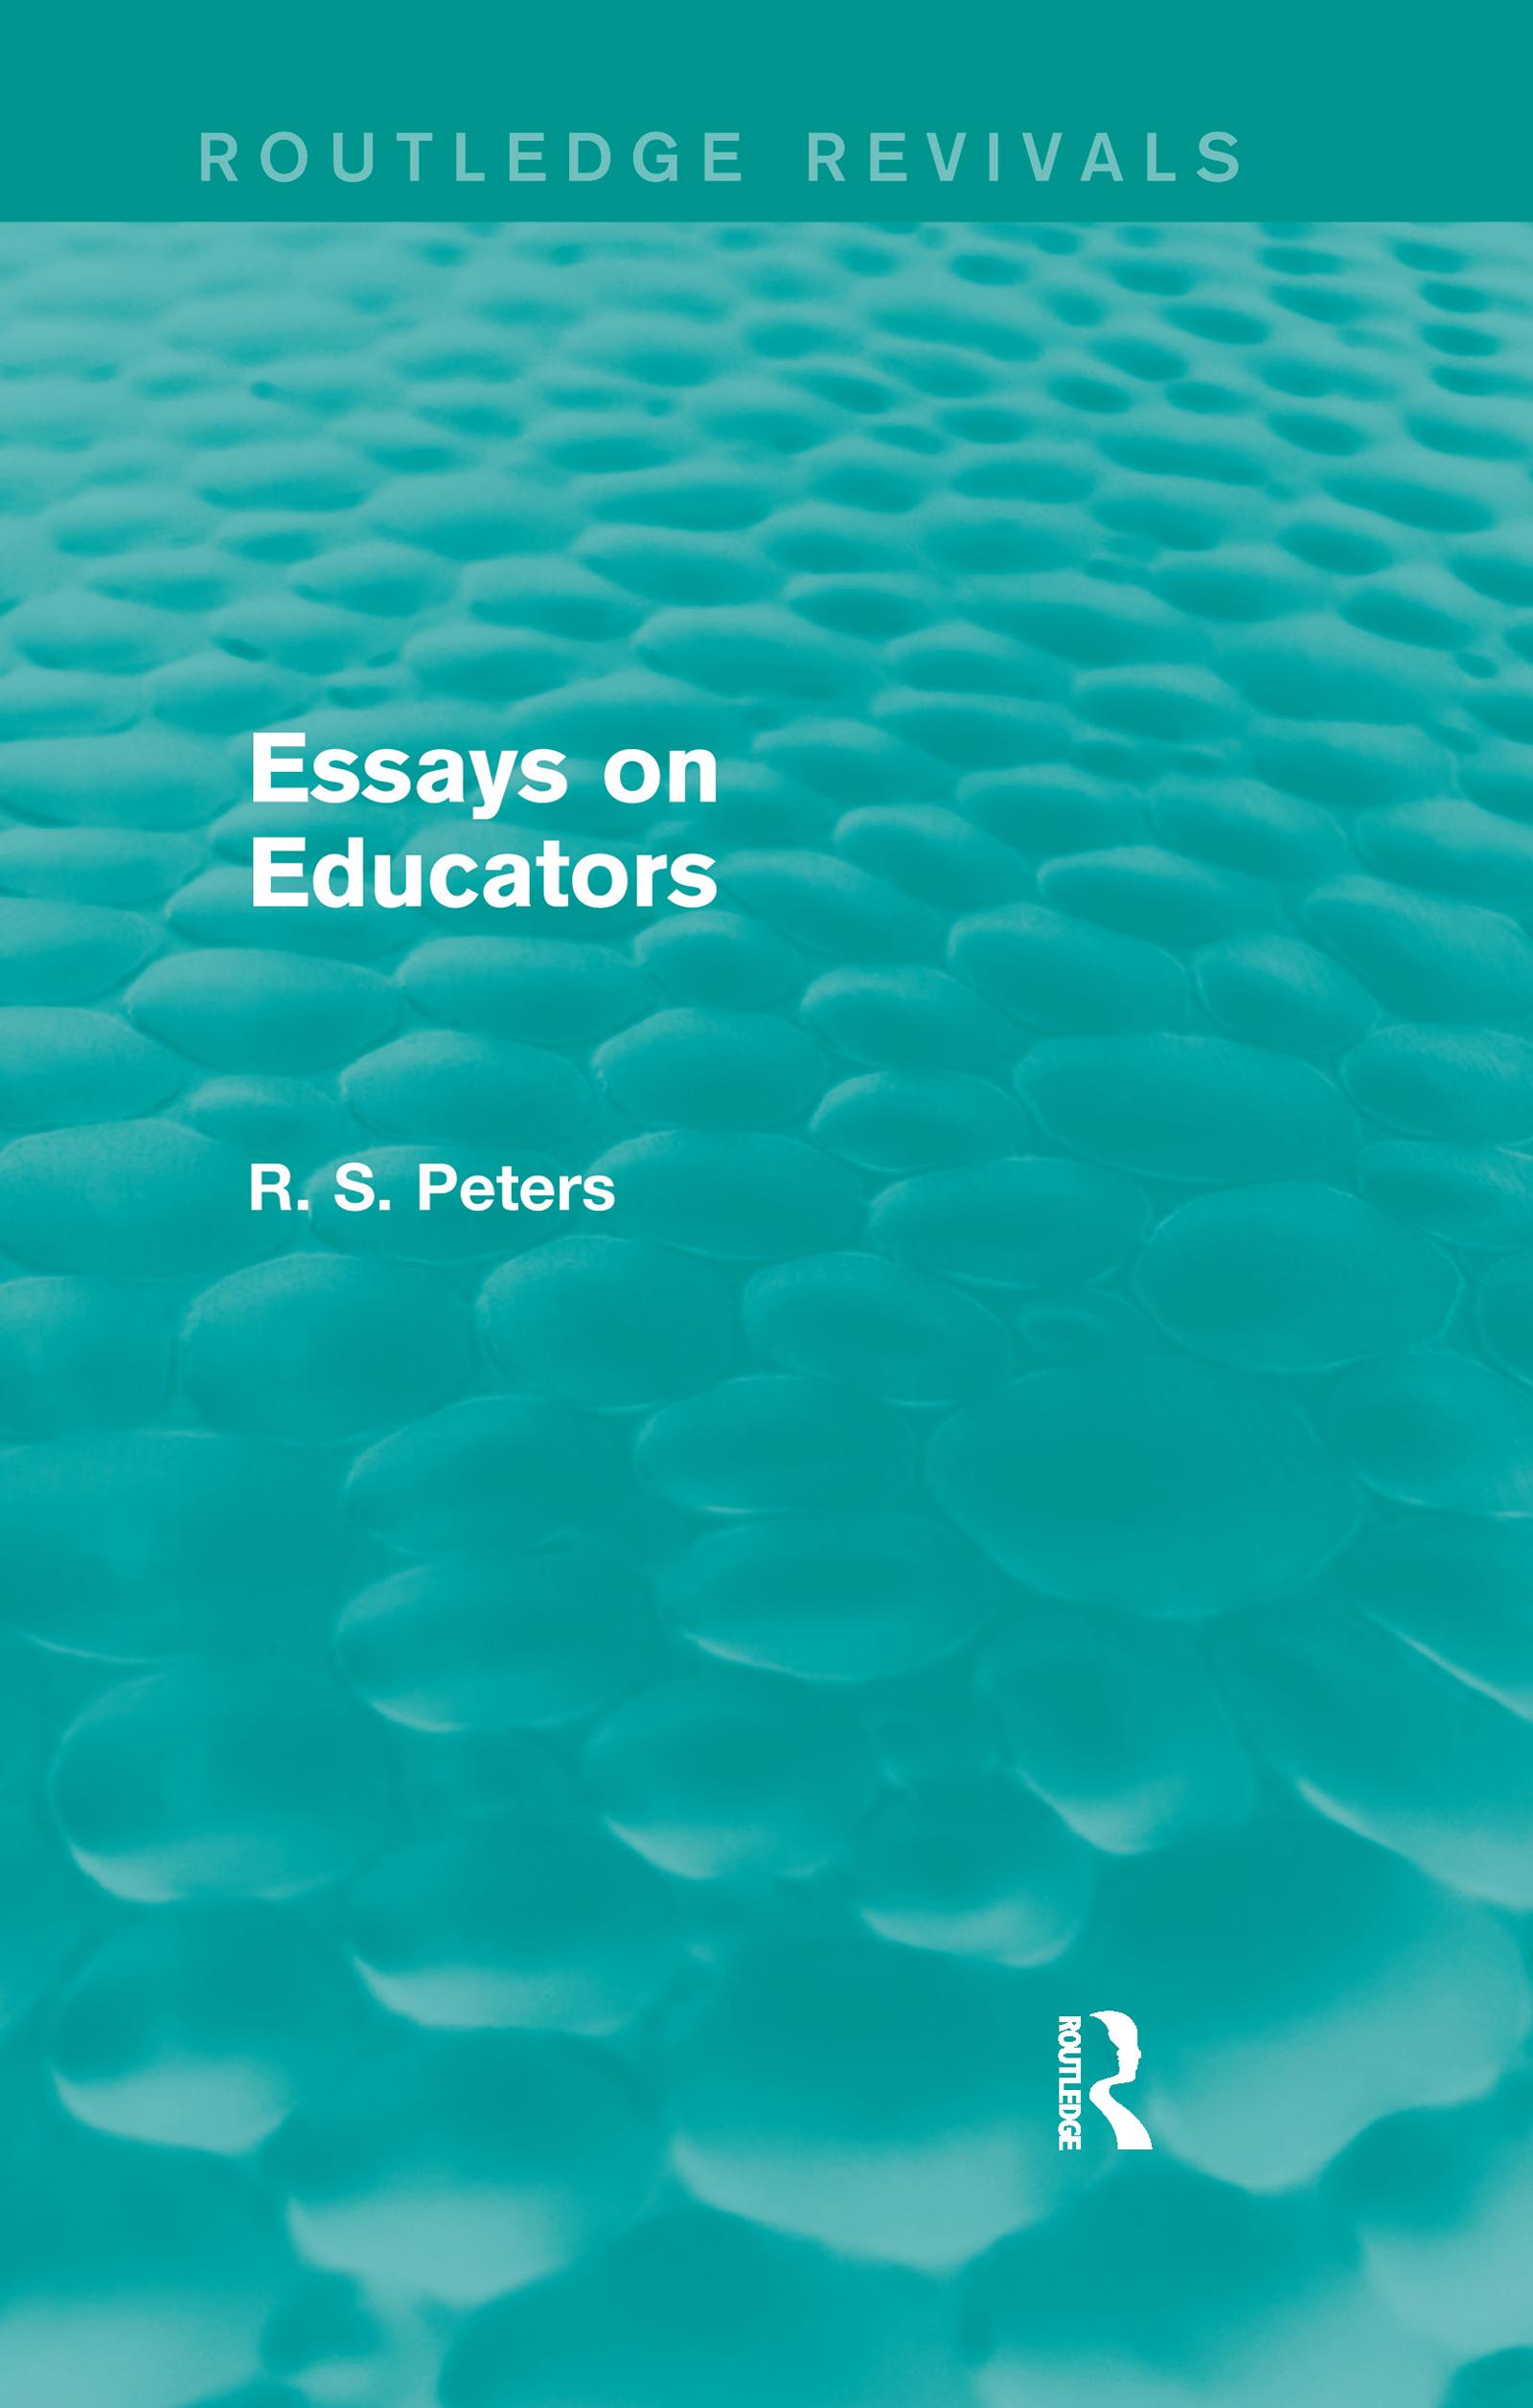 Essays on Educators (Routledge Revivals)